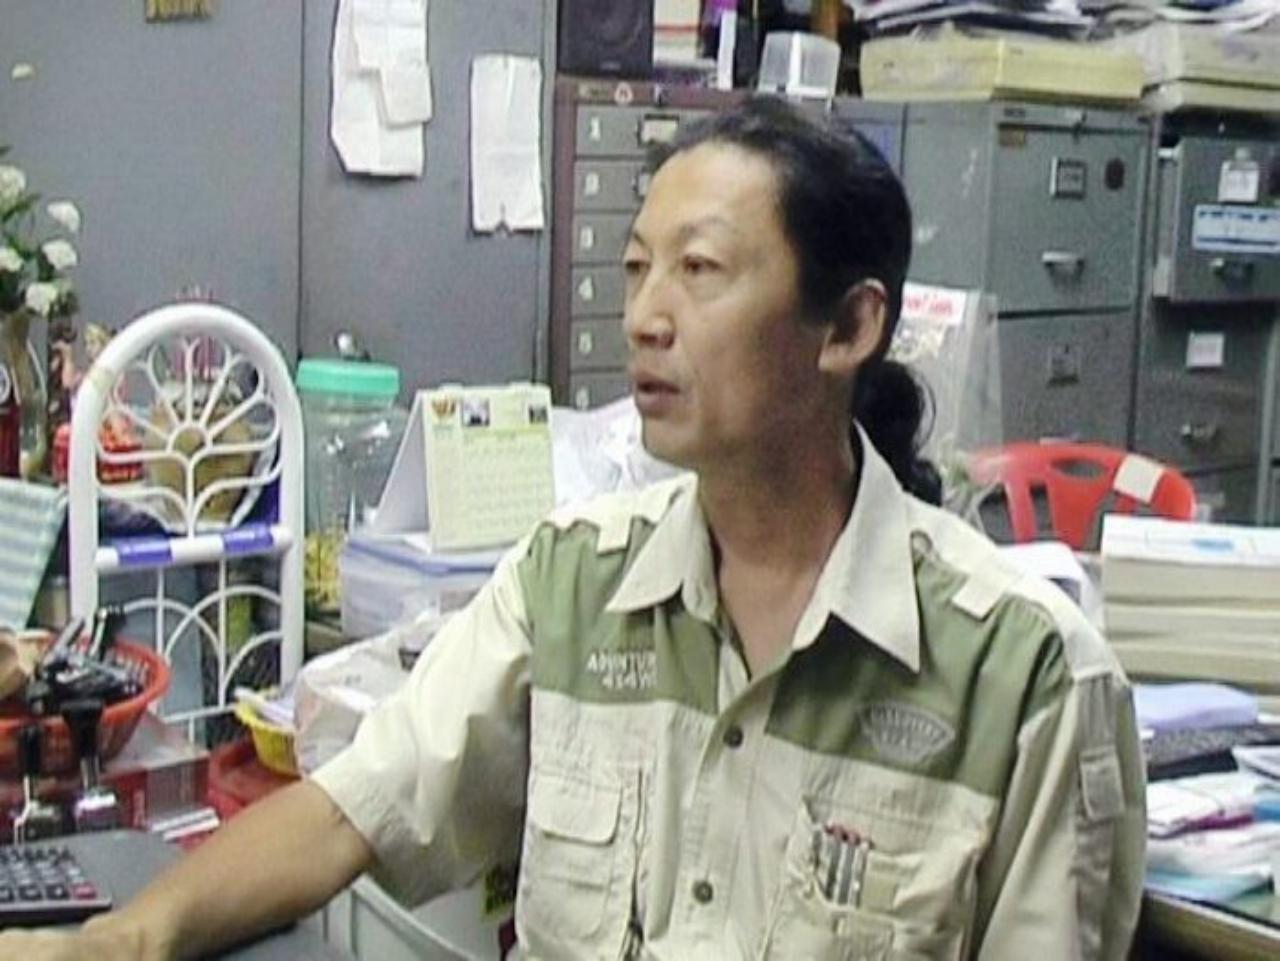 นายเสริมเกียรติ กัลป์เจริญศรี (ปี 2549)